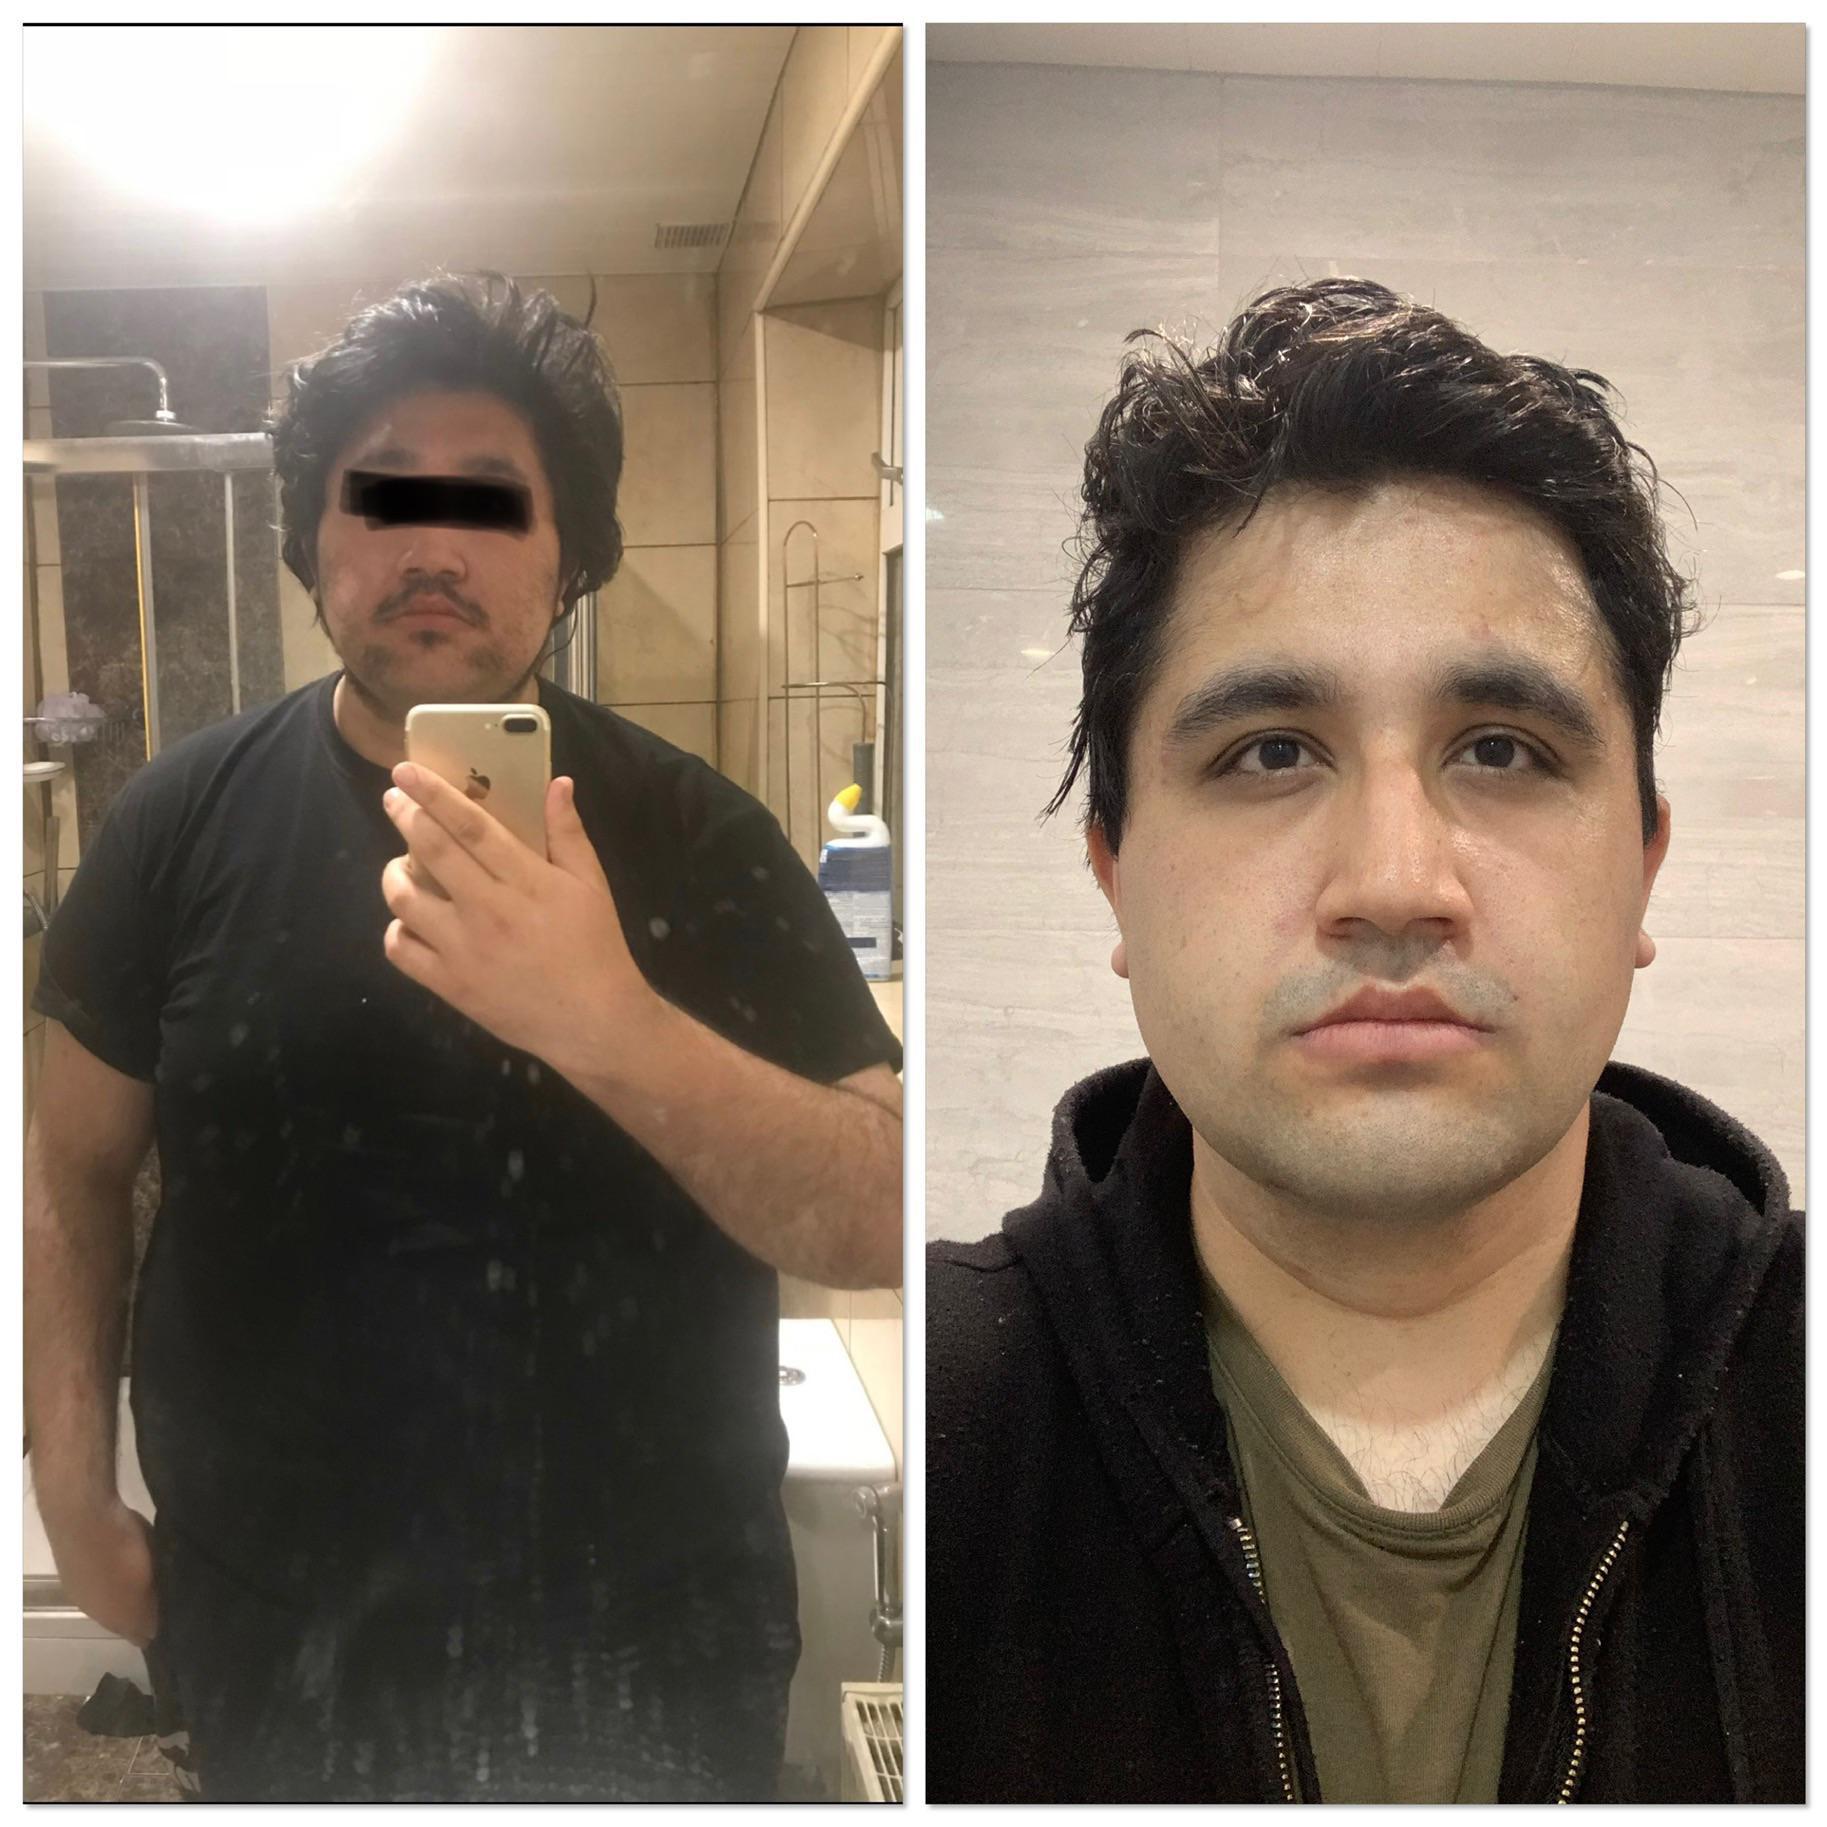 6'2 Male Progress Pics of 70 lbs Fat Loss 330 lbs to 260 lbs